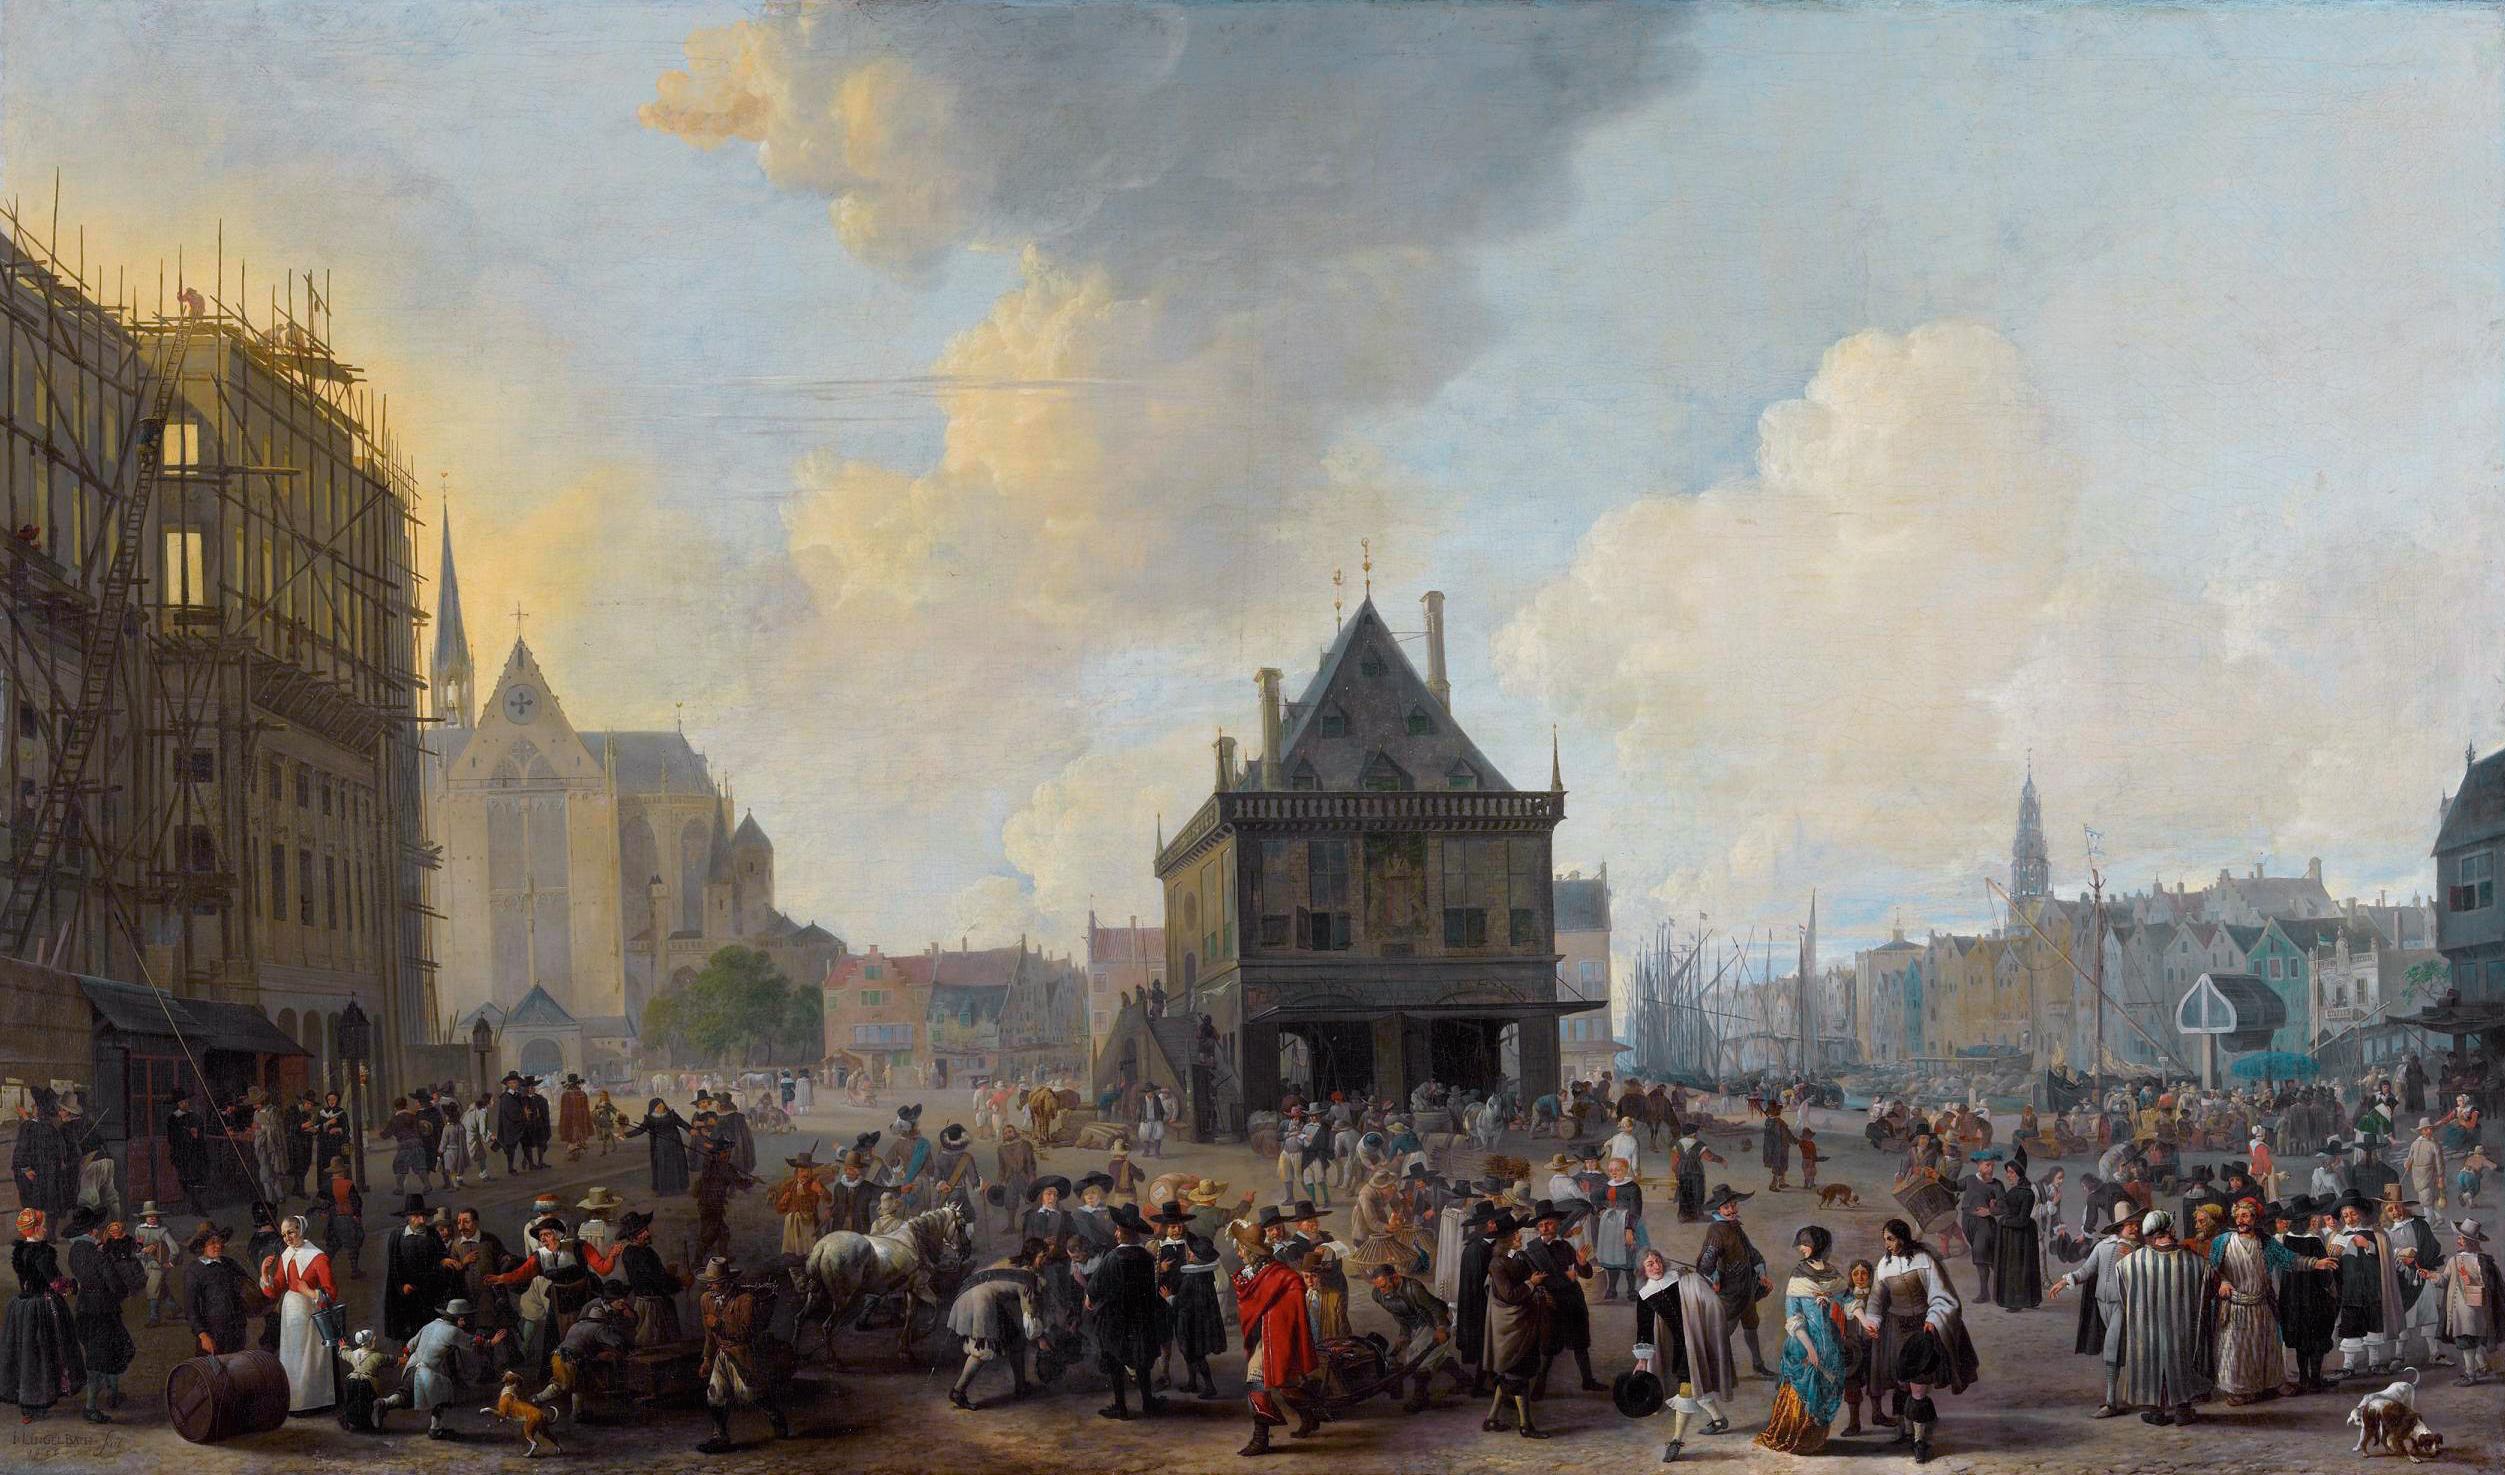 https://goudeneeuwremake.files.wordpress.com/2015/07/de-dam-te-amsterdam-met-het-nieuwe-stadhuis-in-aanbouw-gezien-naar-het-noorden-1656-door-johannes-lingelbach-collectie-amsterdam-museum.jpg